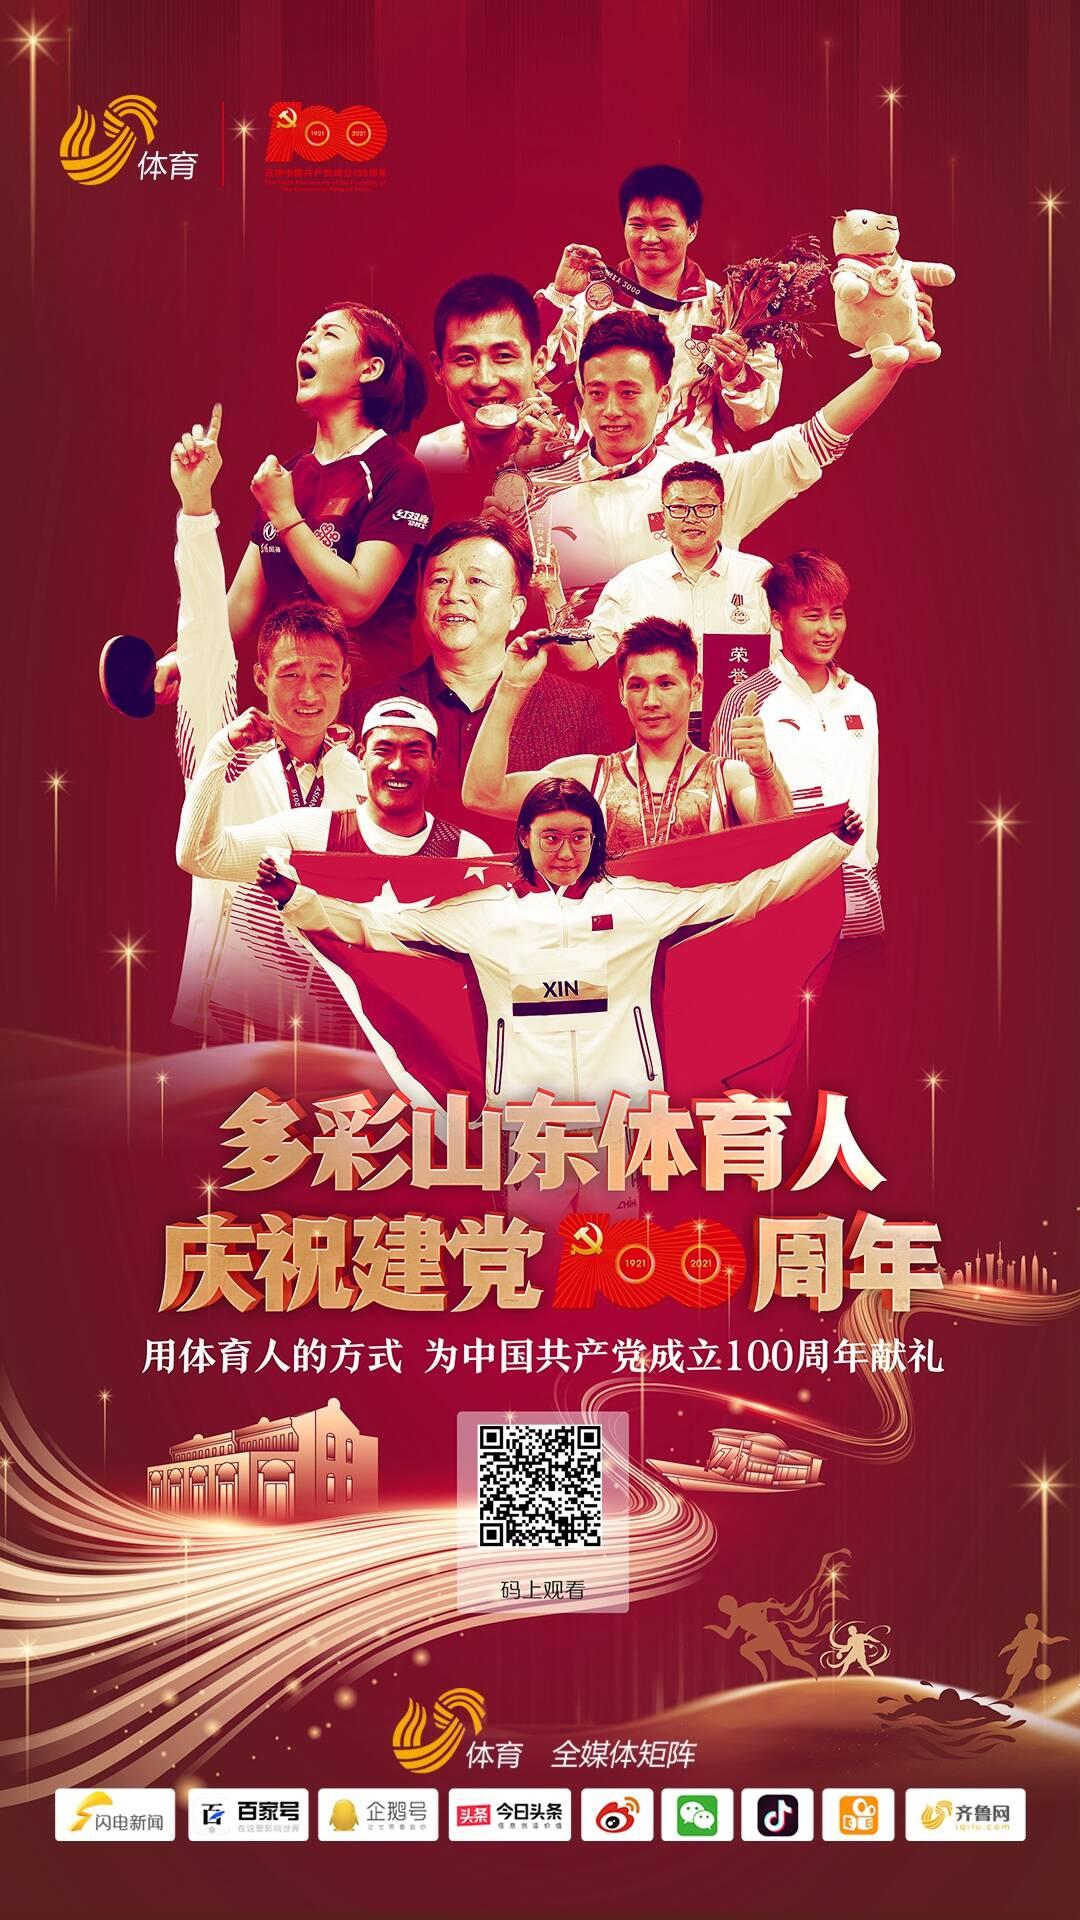 用体育人的方式庆祝!建党100周年山东体育人物特别策划专题来了